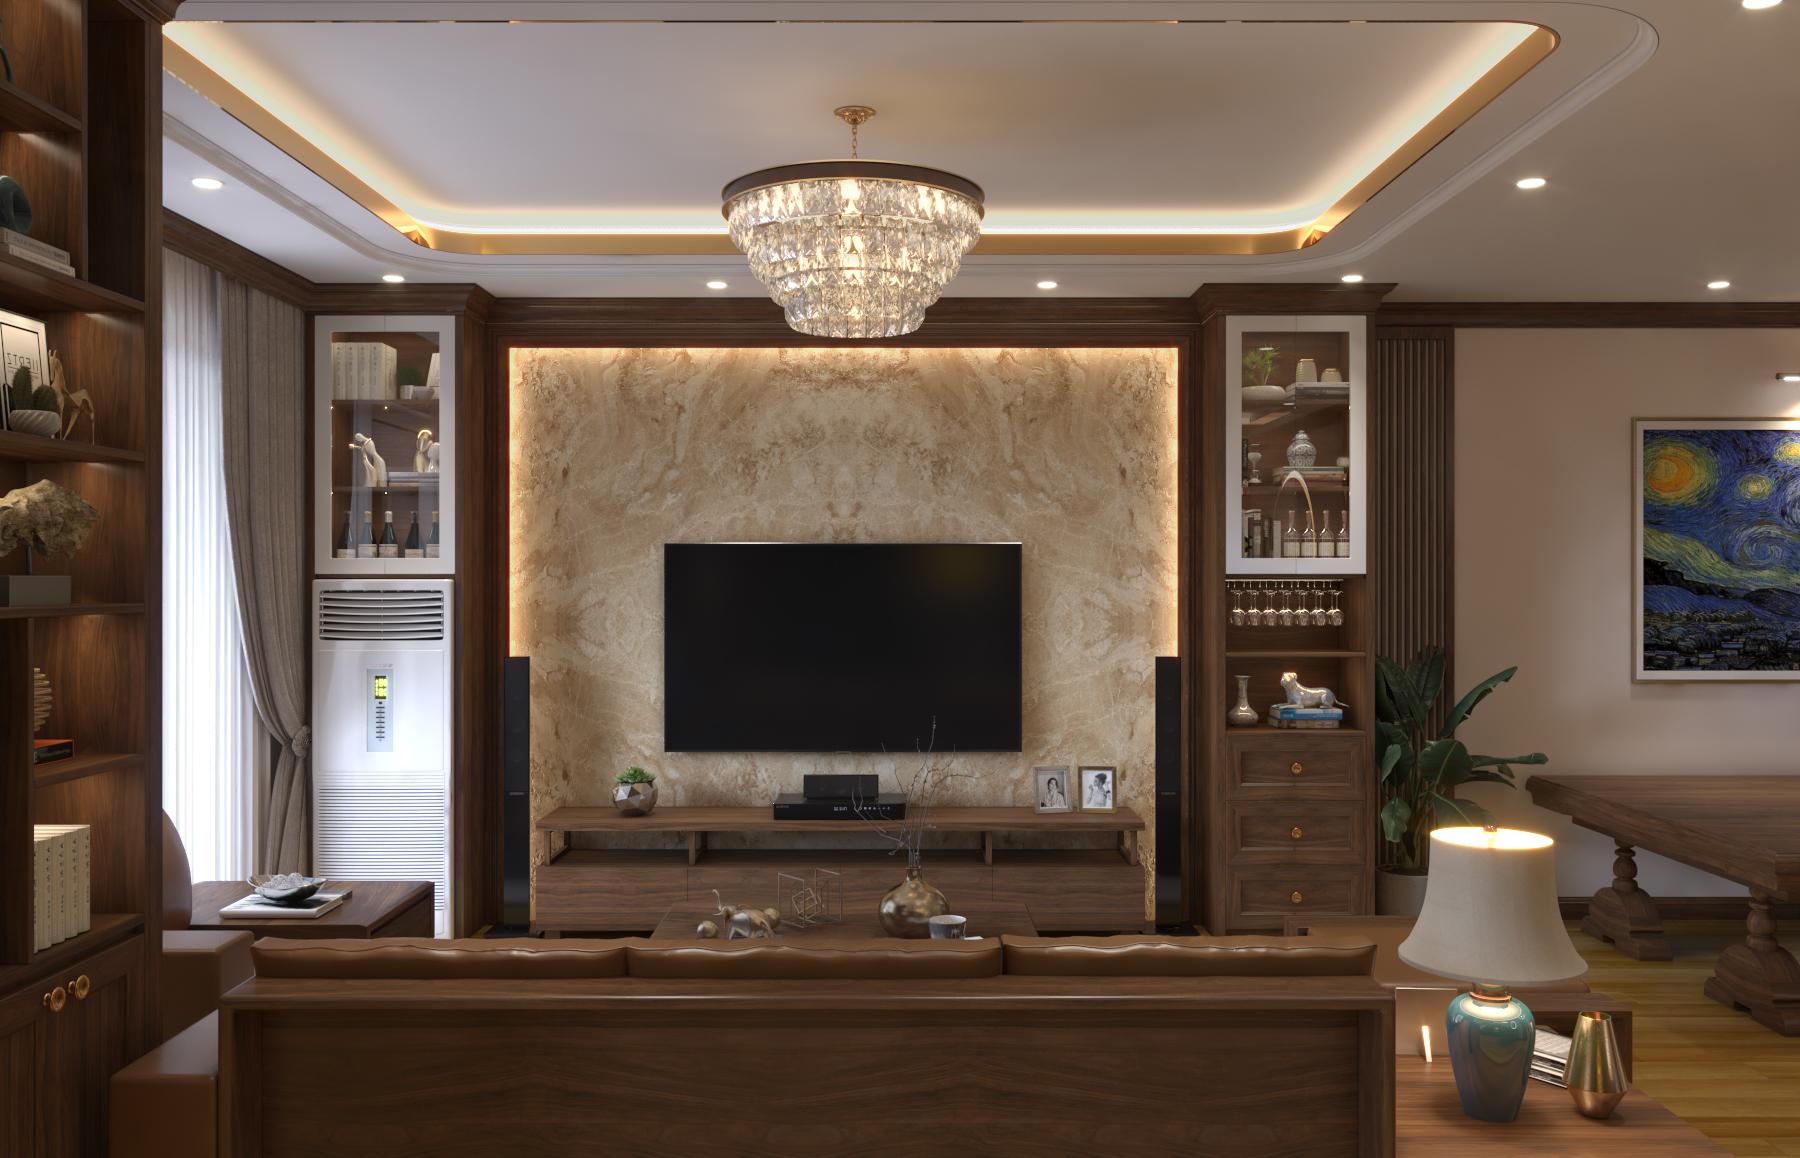 Thiết kế nội thất Chung Cư tại Hà Nội Chung cư Nguyễn Chánh 1630592346 3